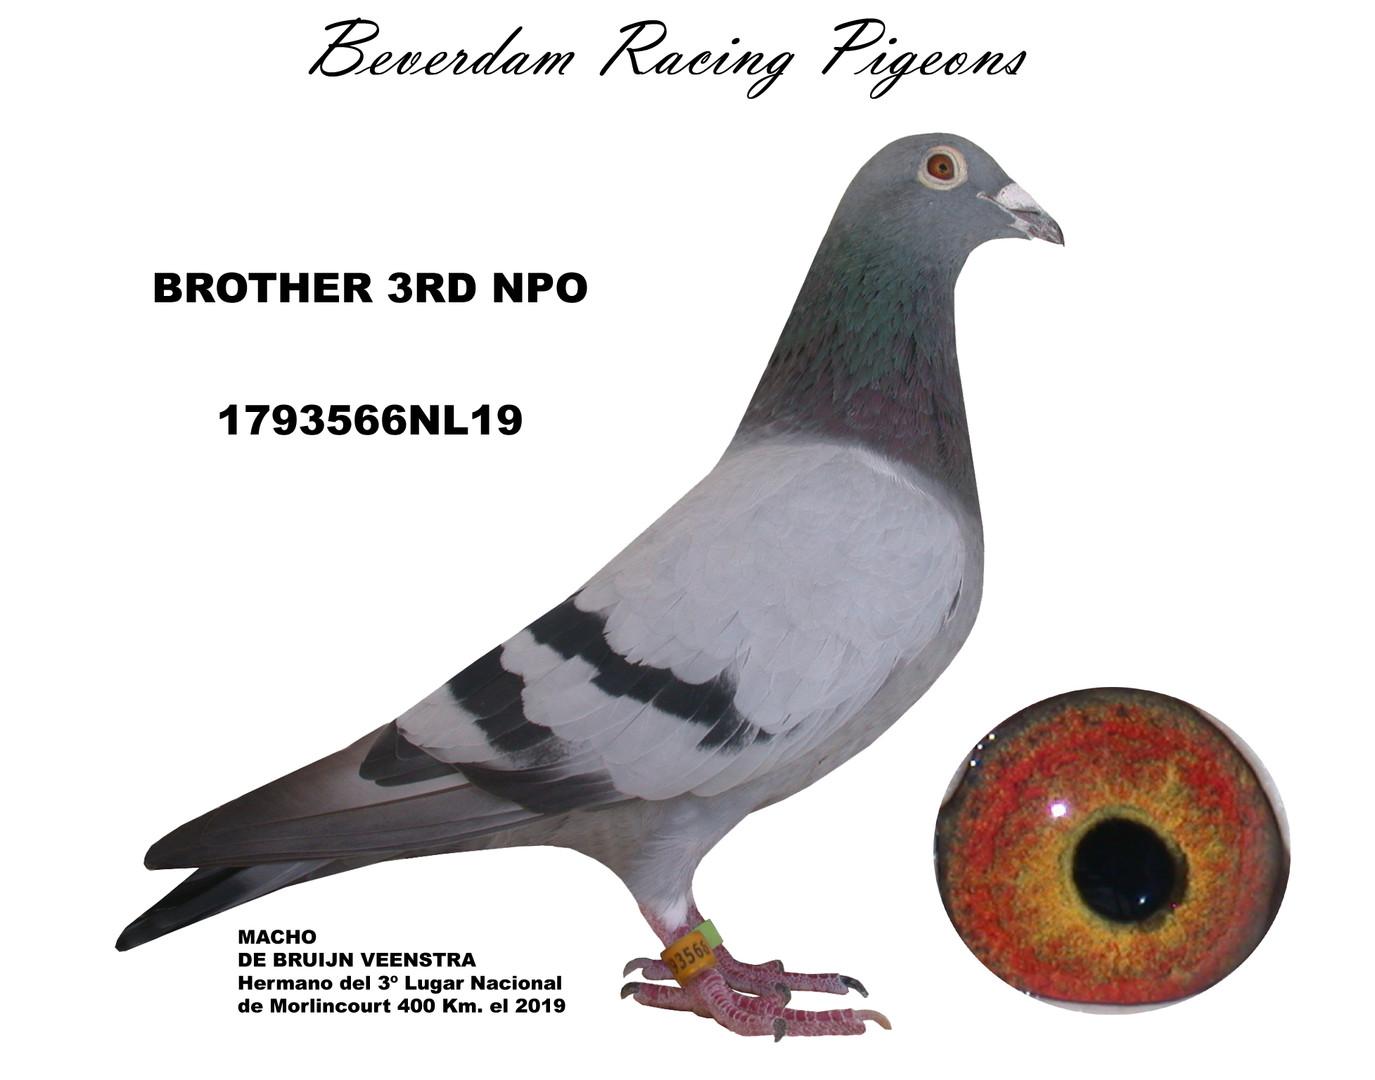 NL19-1793566 term.jpg